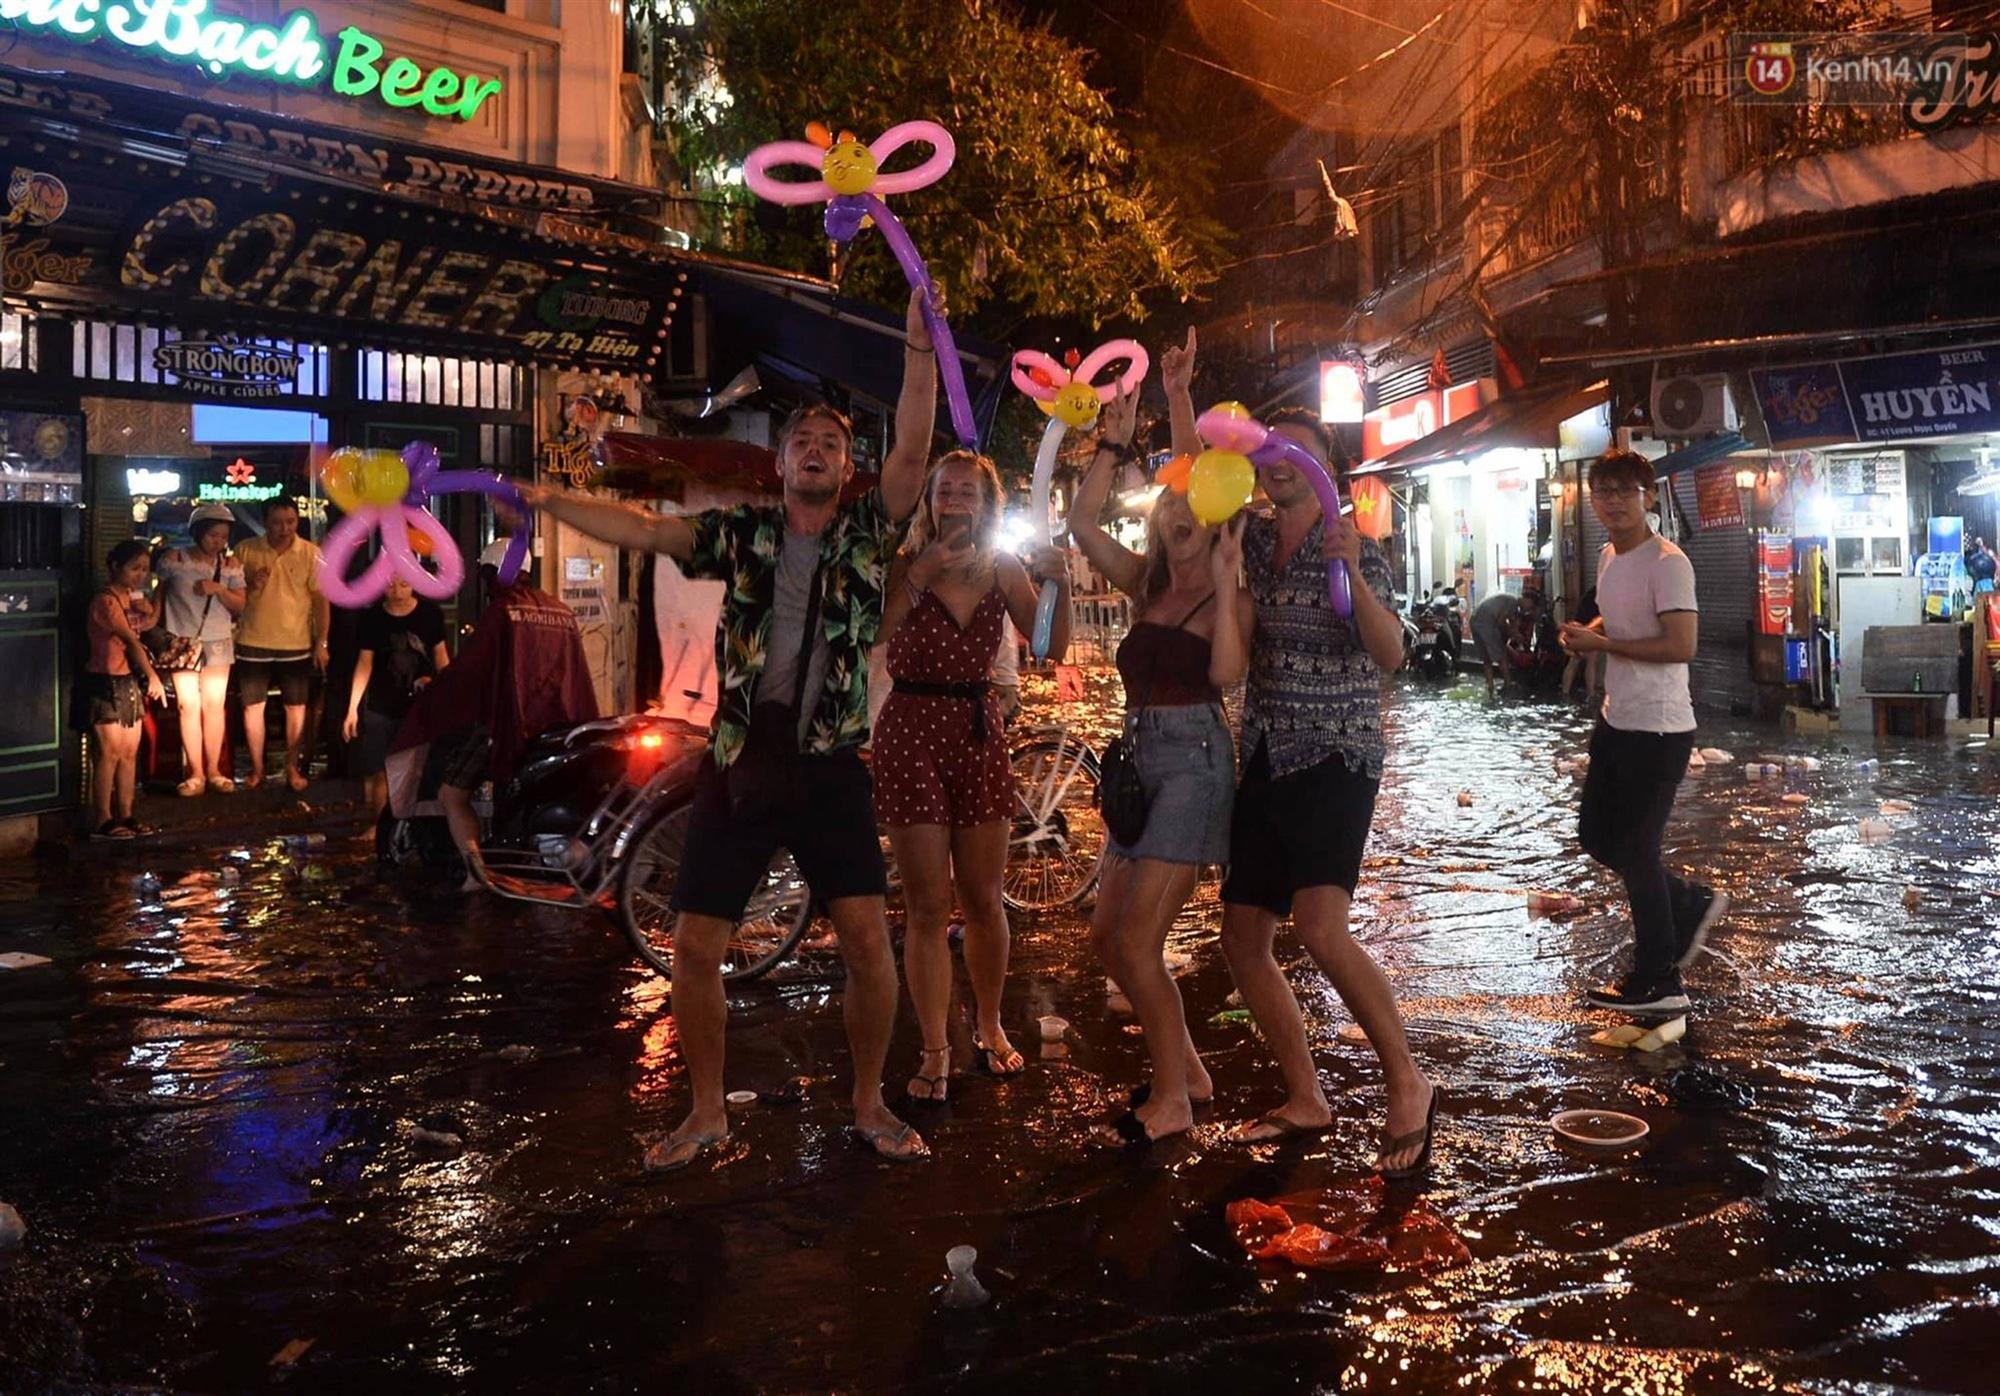 Hà Nội: Phố tây Tạ Hiện - Lương Ngọc Quyến mênh mông nước, nhiều cặp đôi phải cõng nhau di chuyển-14